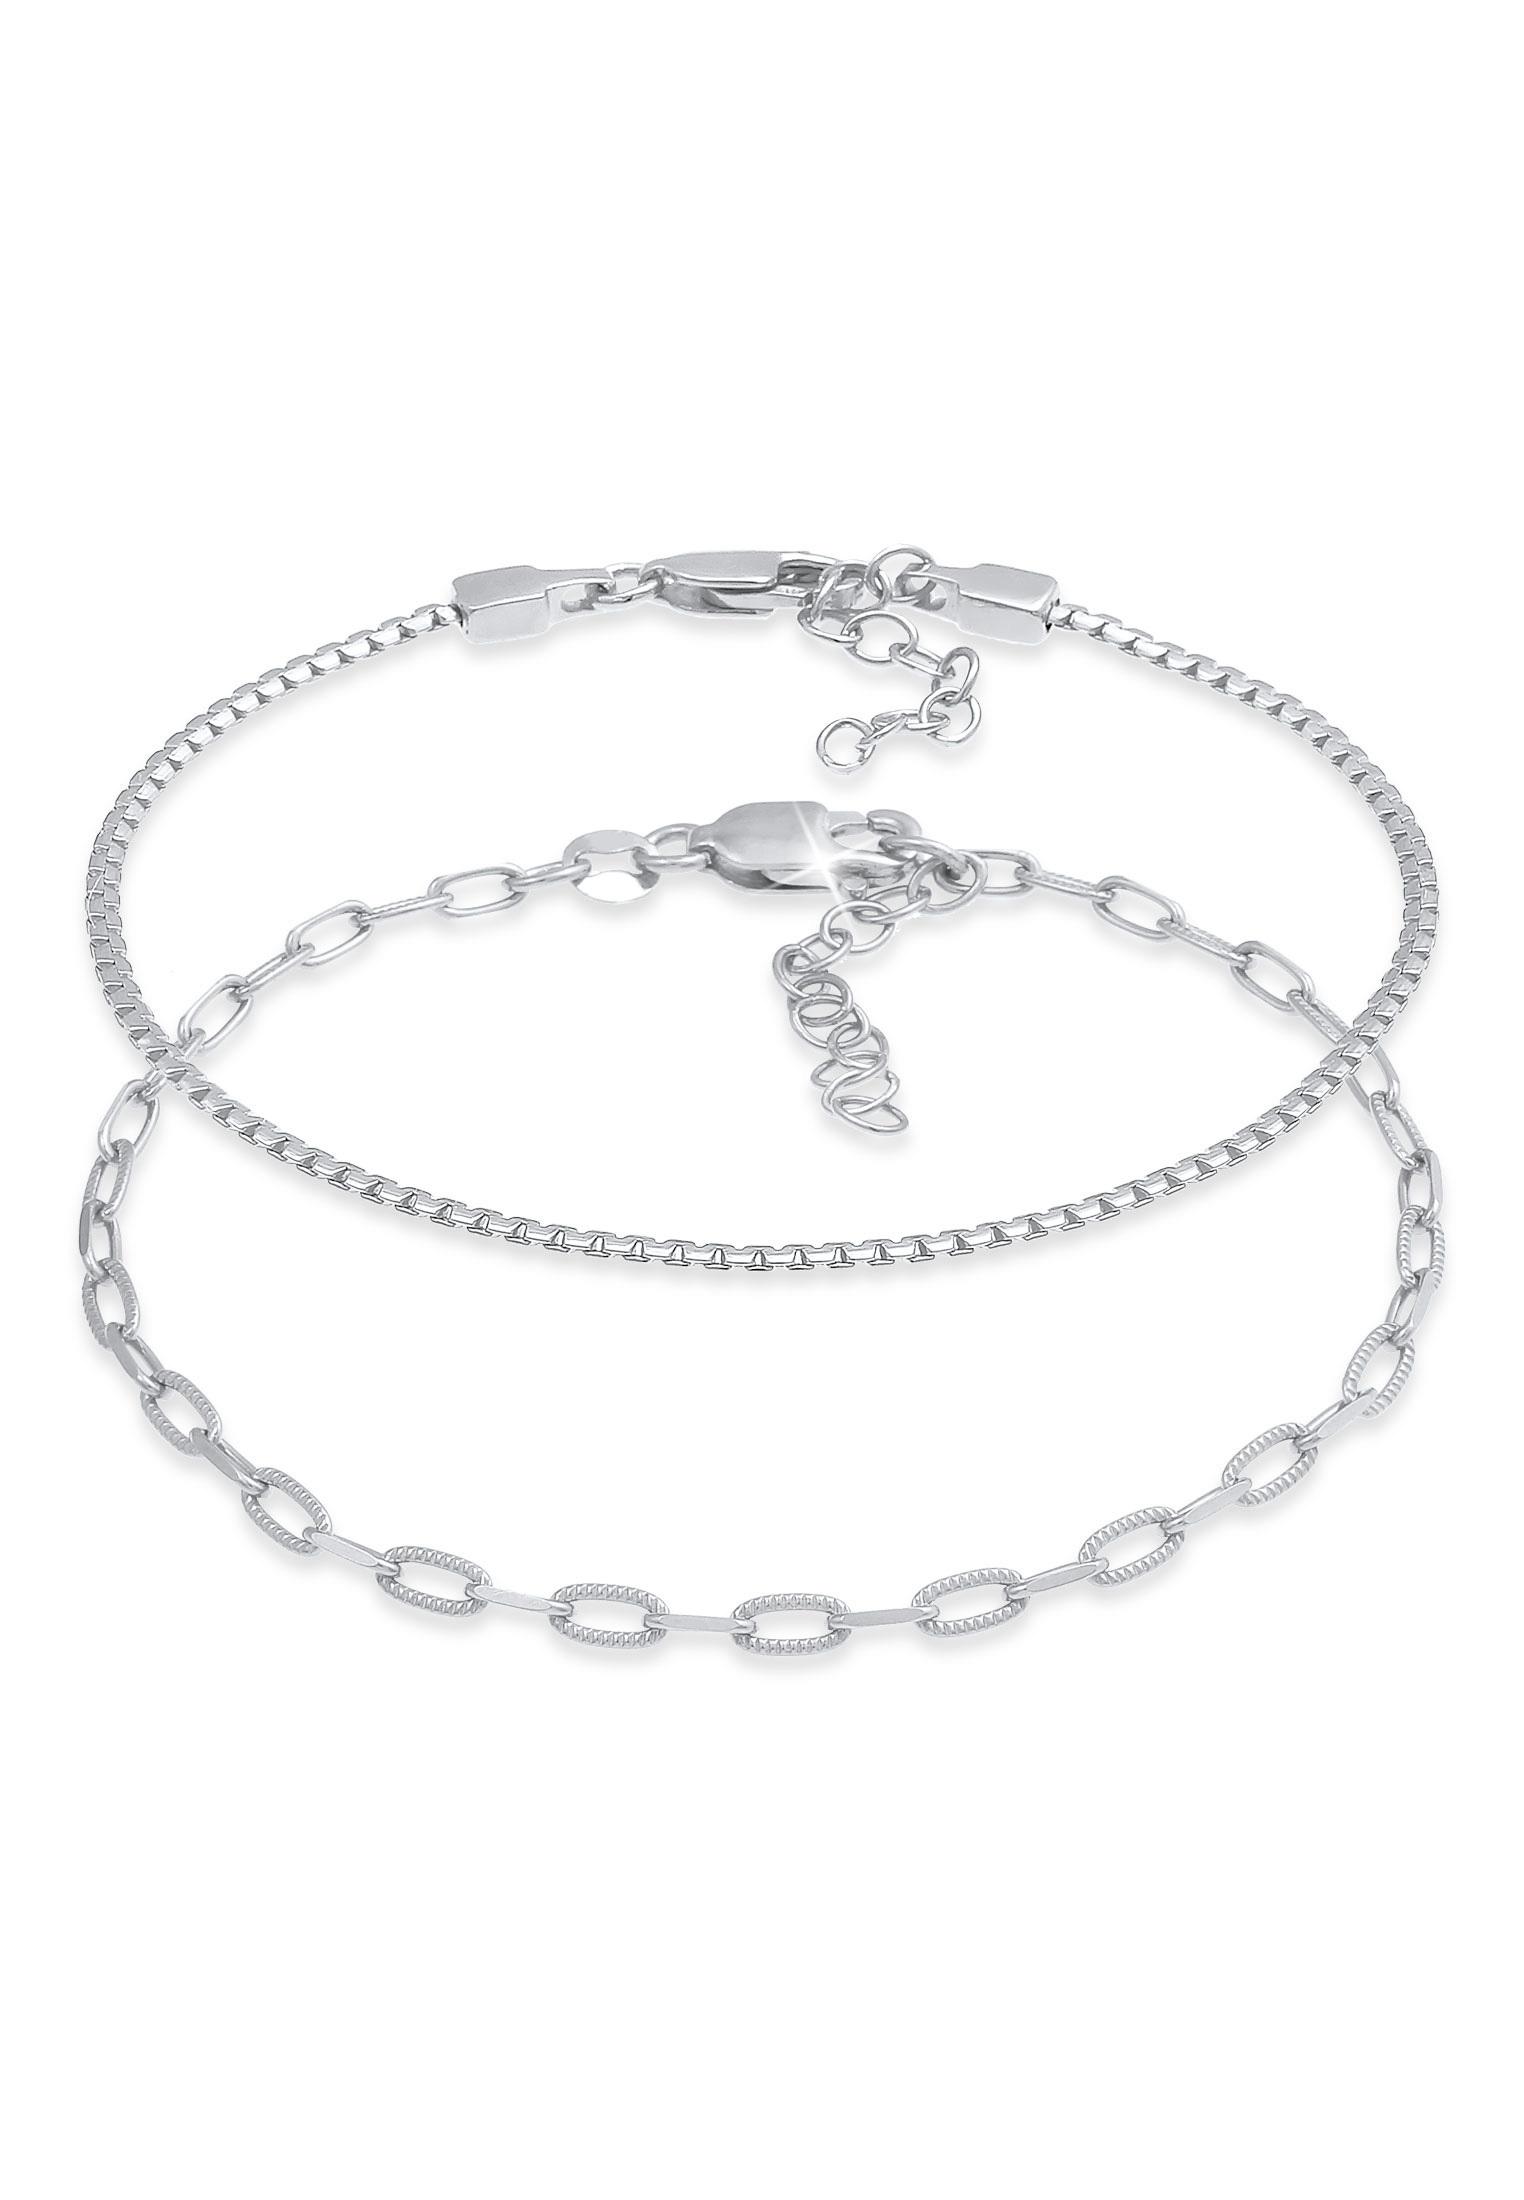 Schlangen-Armbandset | 925er Sterling Silber